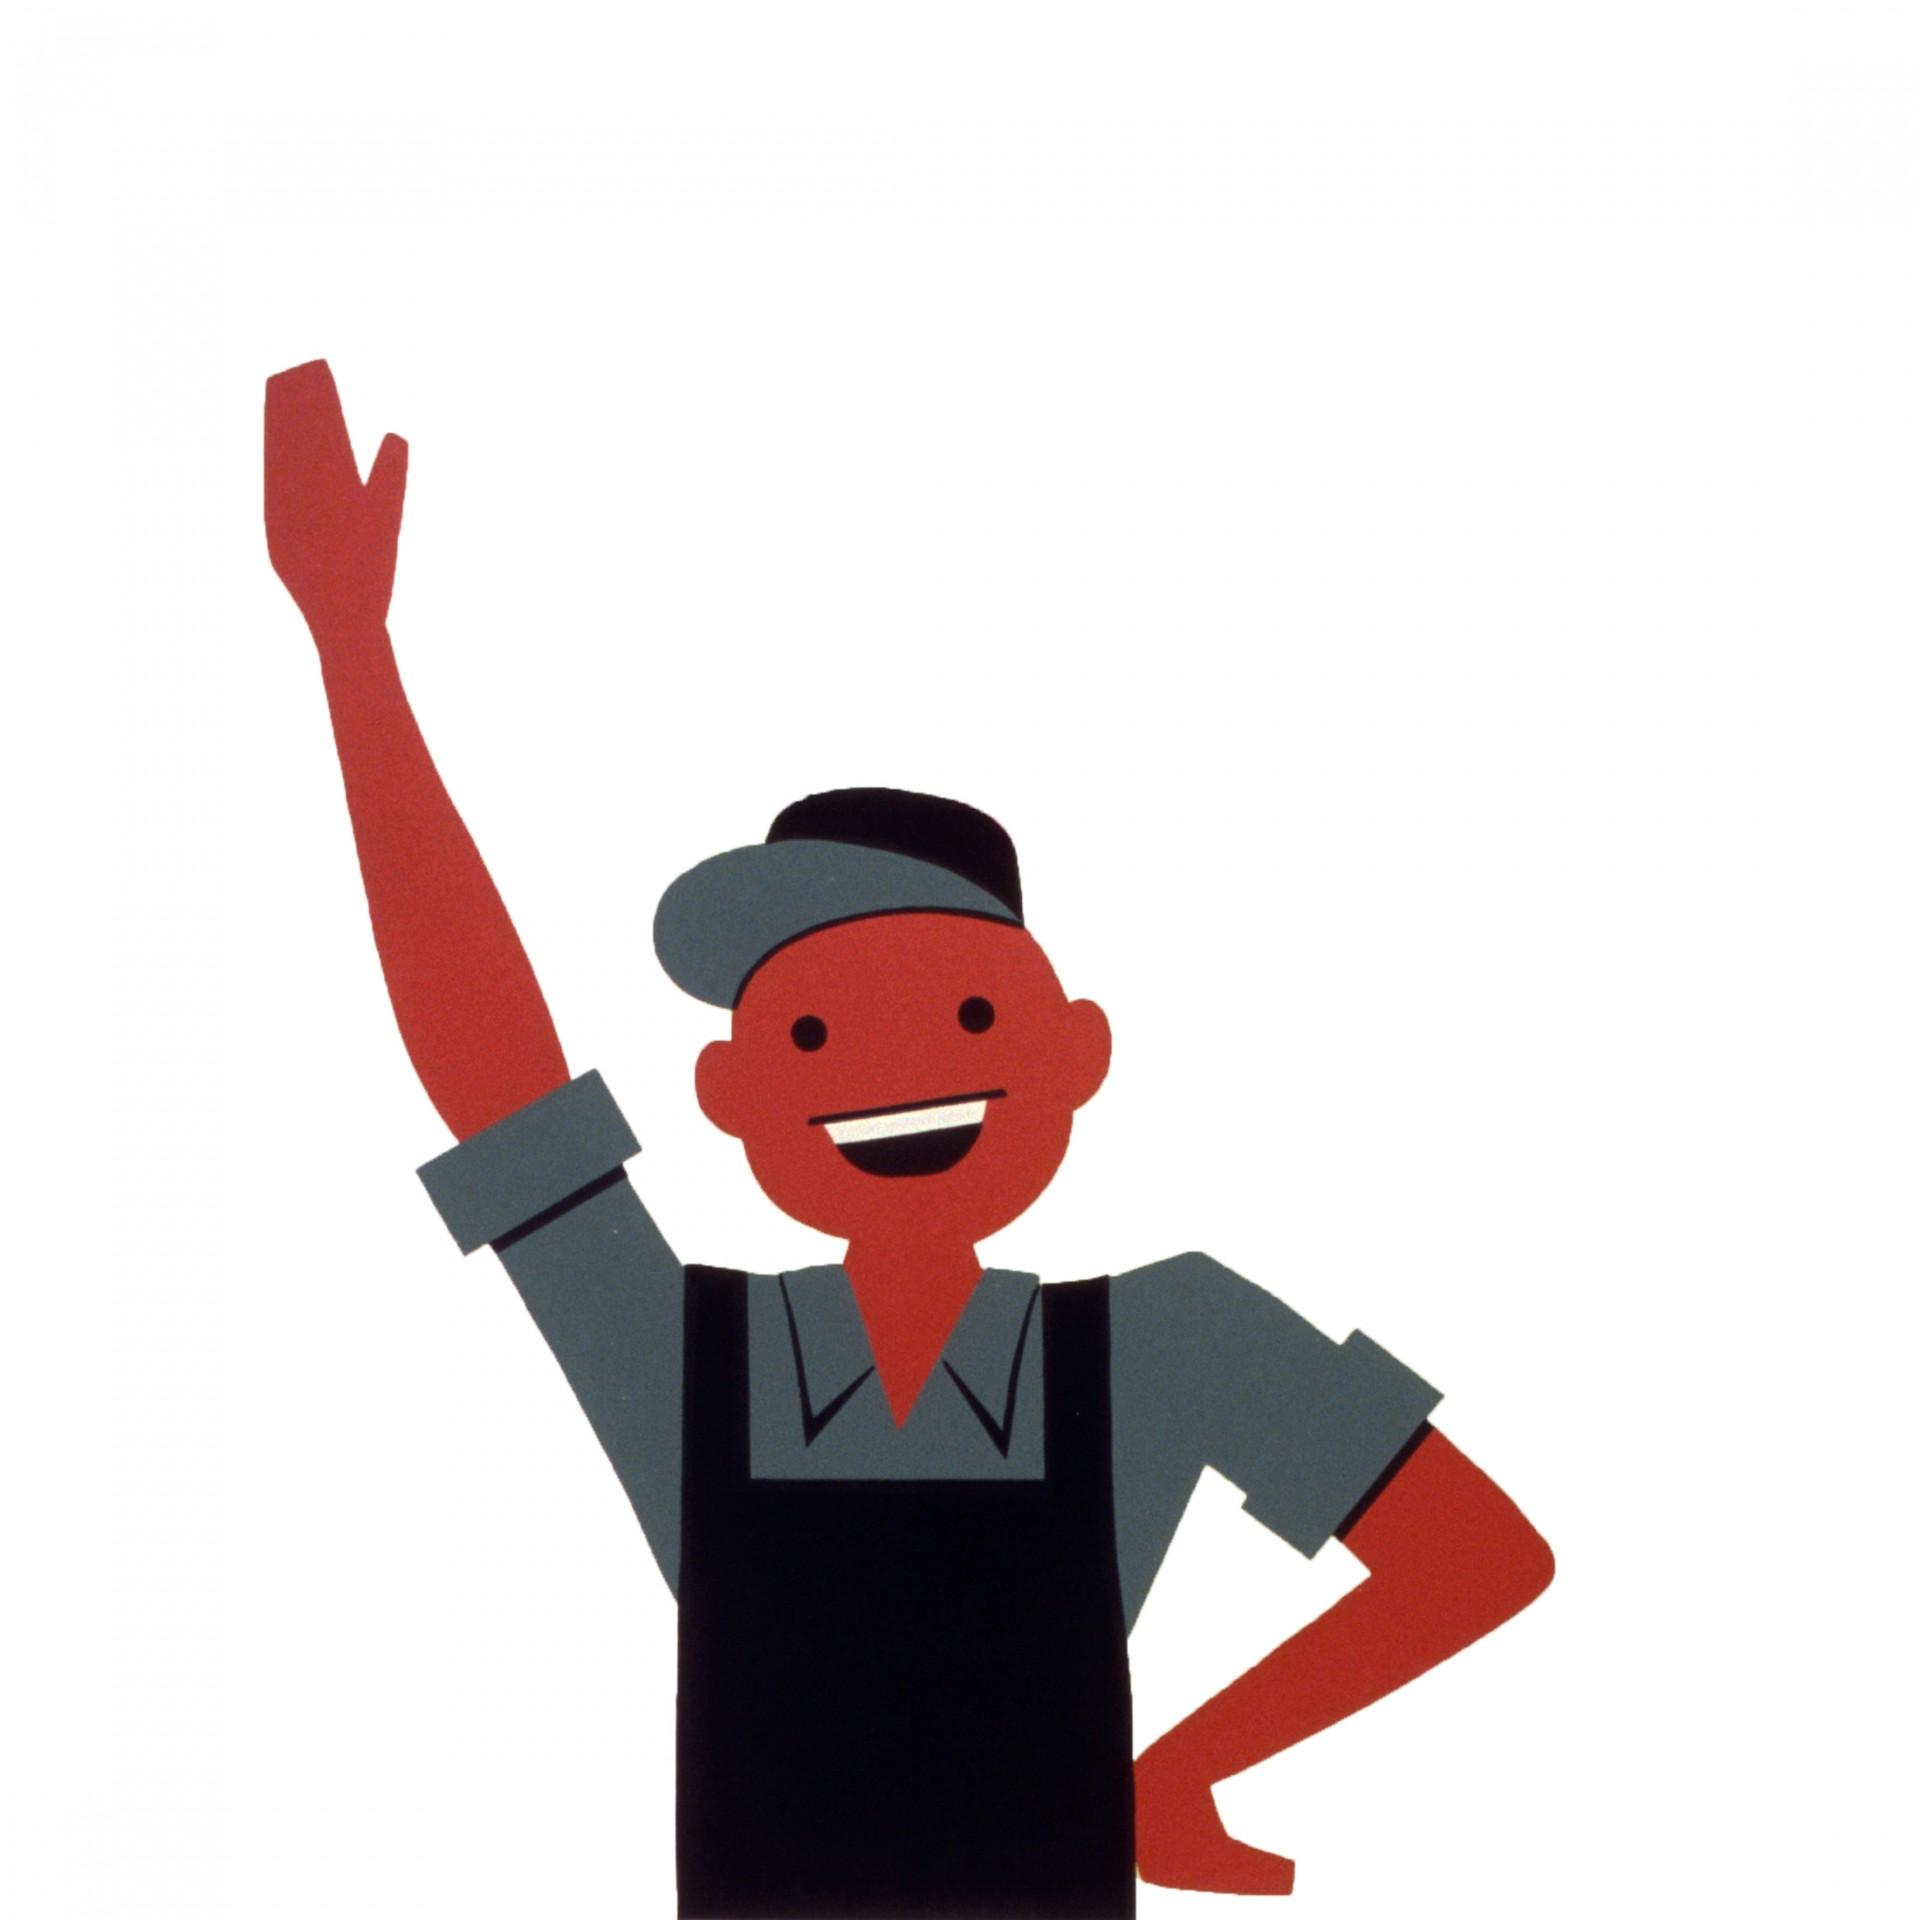 Happy Man Waving Clipart Free Stock Photo.